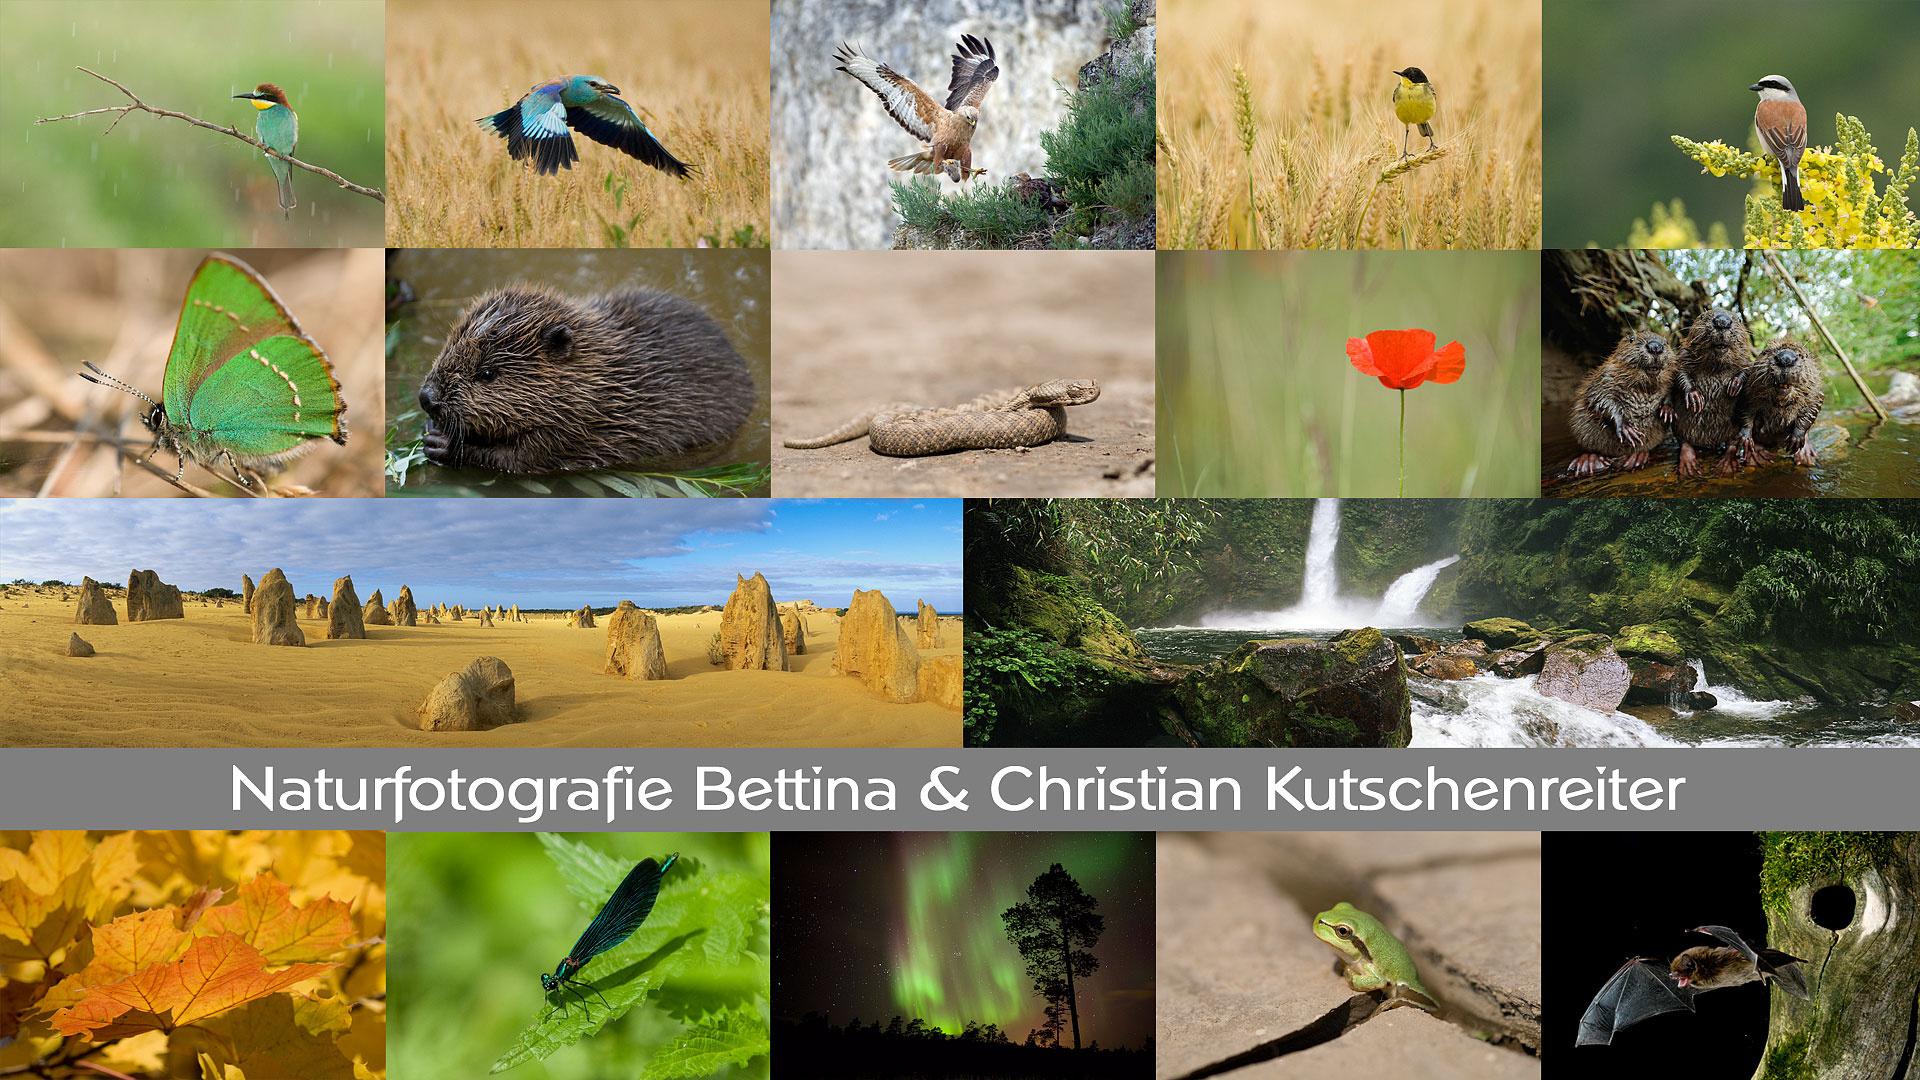 Naturfotografie Kutschenreiter